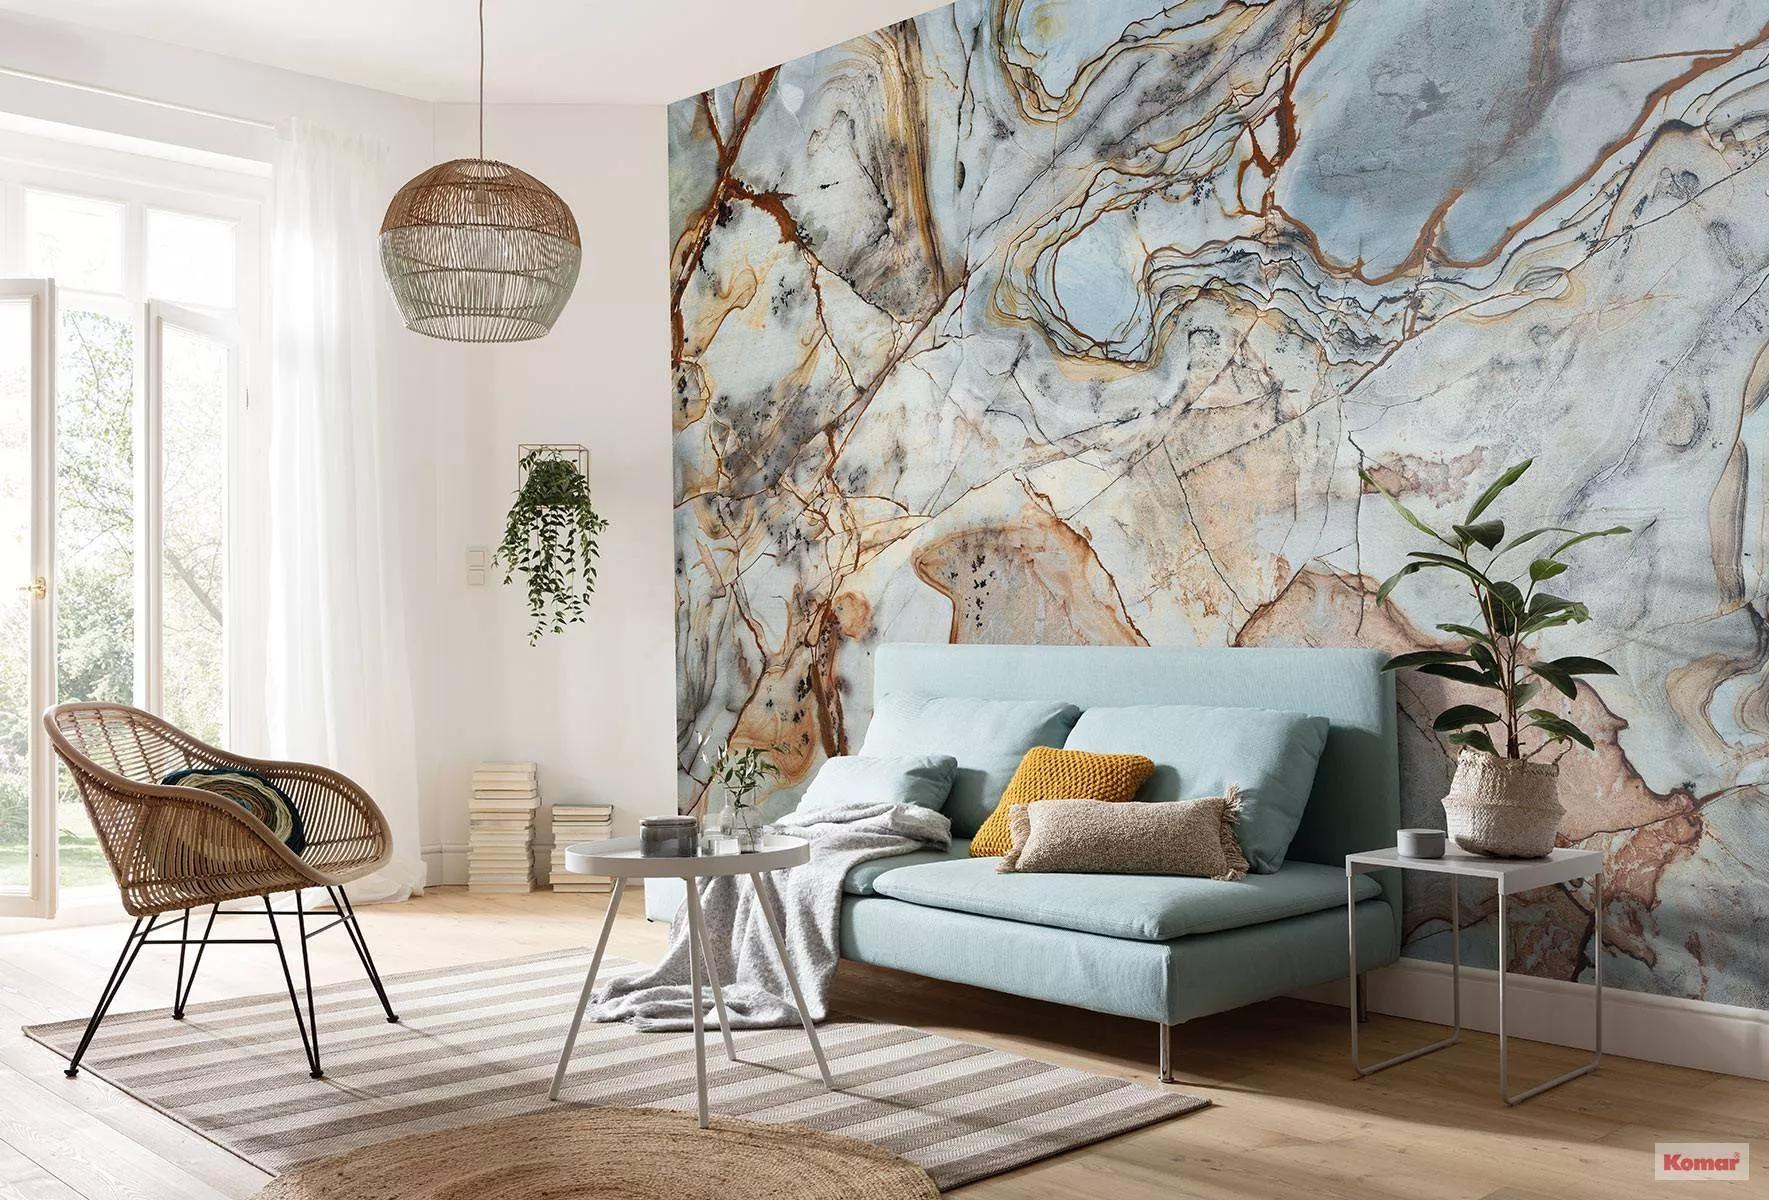 Fali poszter márvány mintával